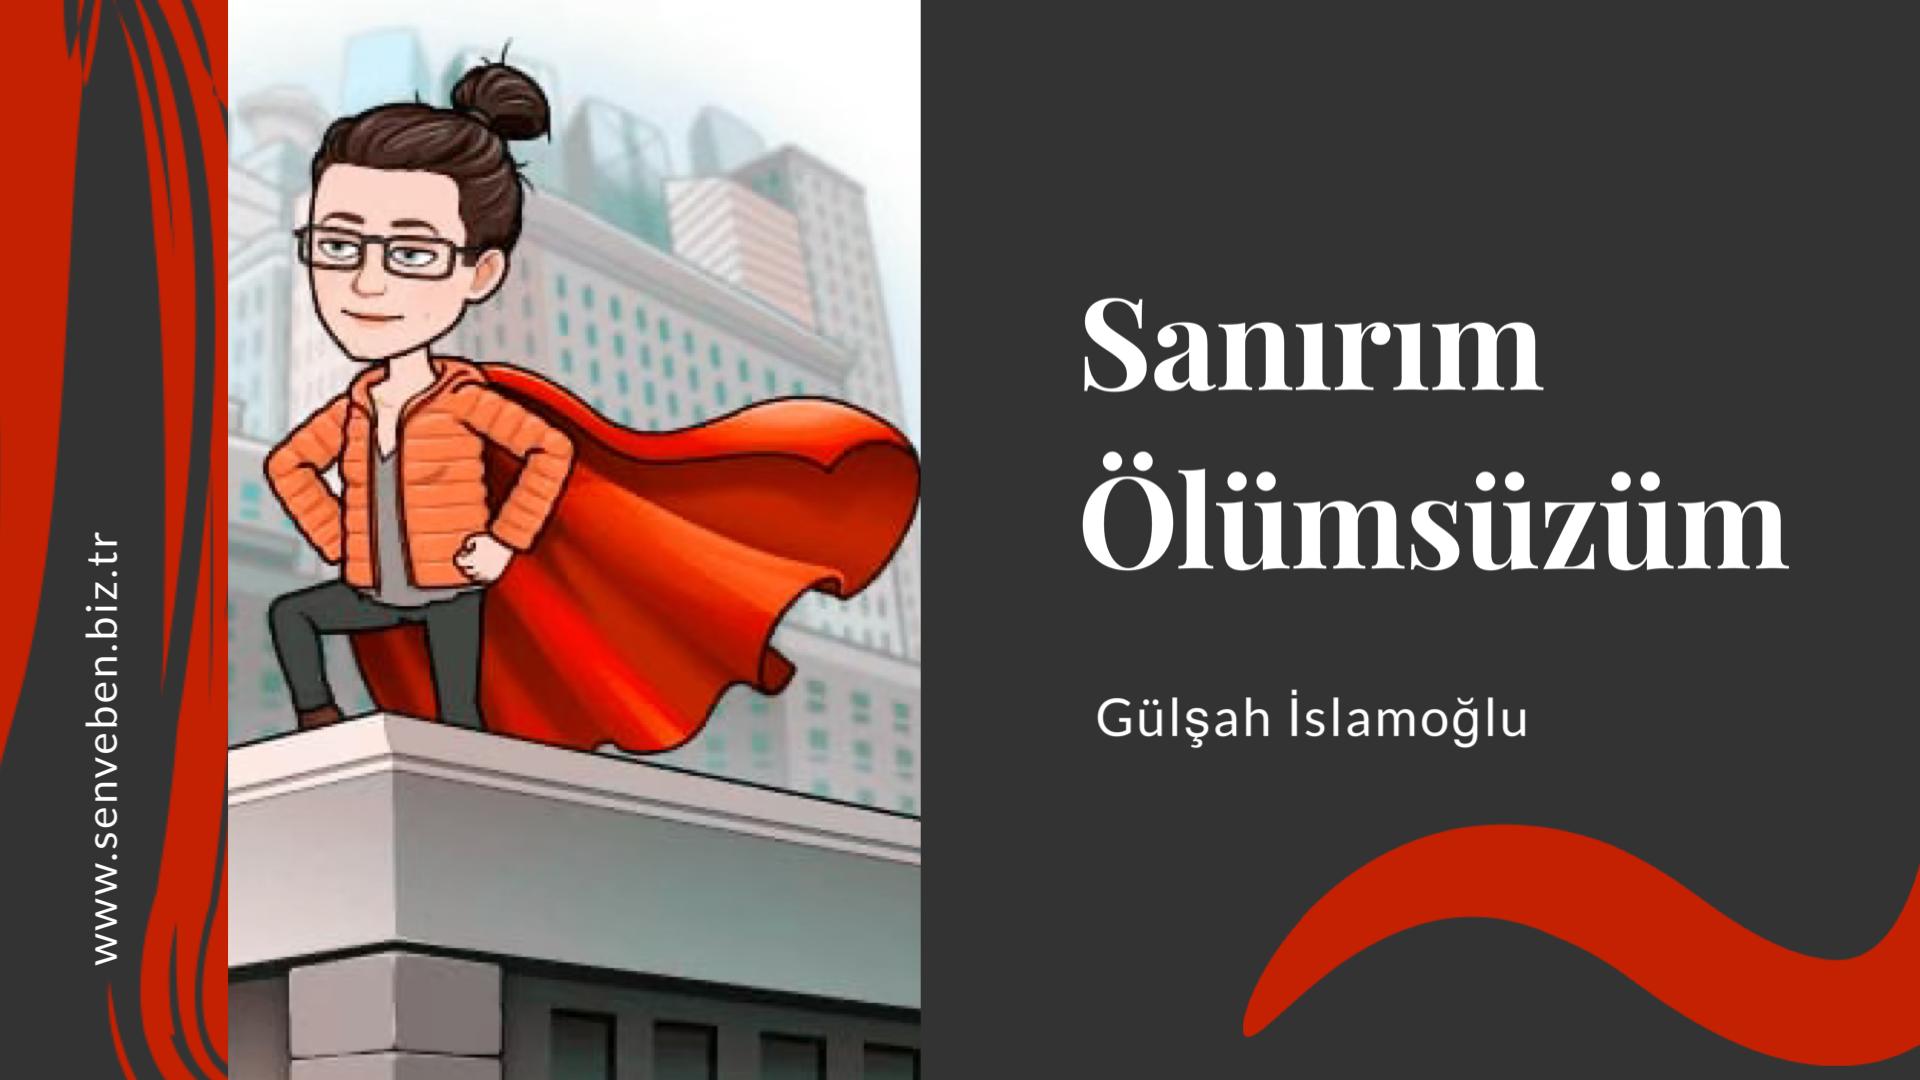 Gülşah İslamoğlu | Münferit Tatile Giderse | Sanırım Ölümsüzüm